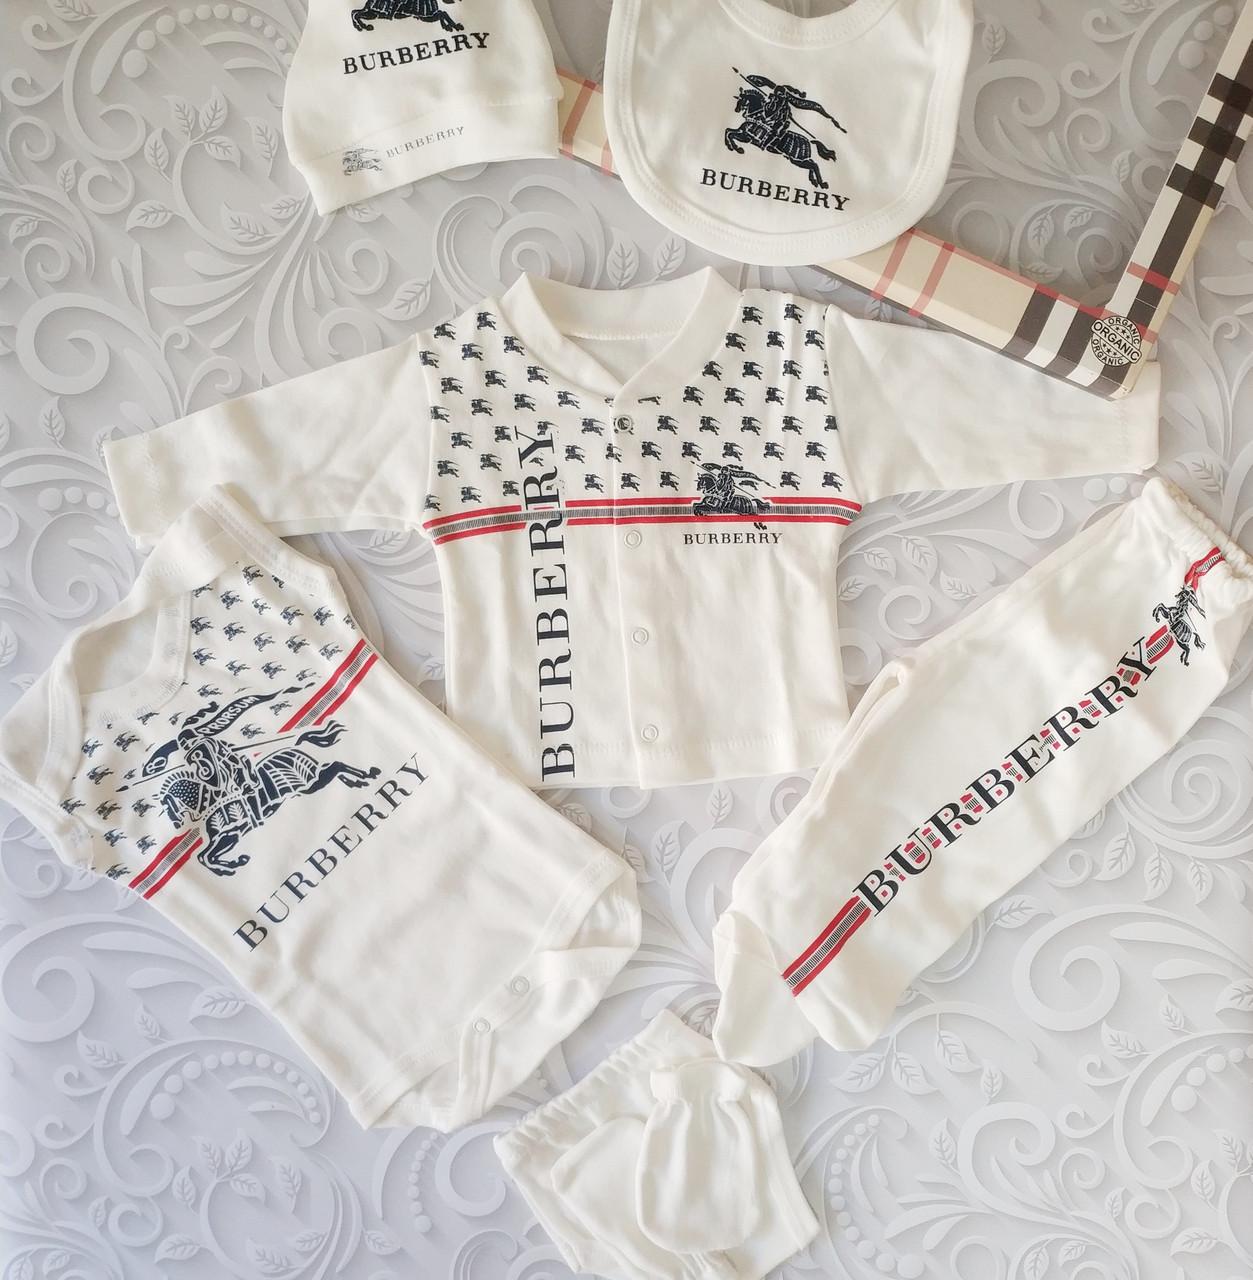 Подарочный набор для новорожденного Burberry,7 предметов.